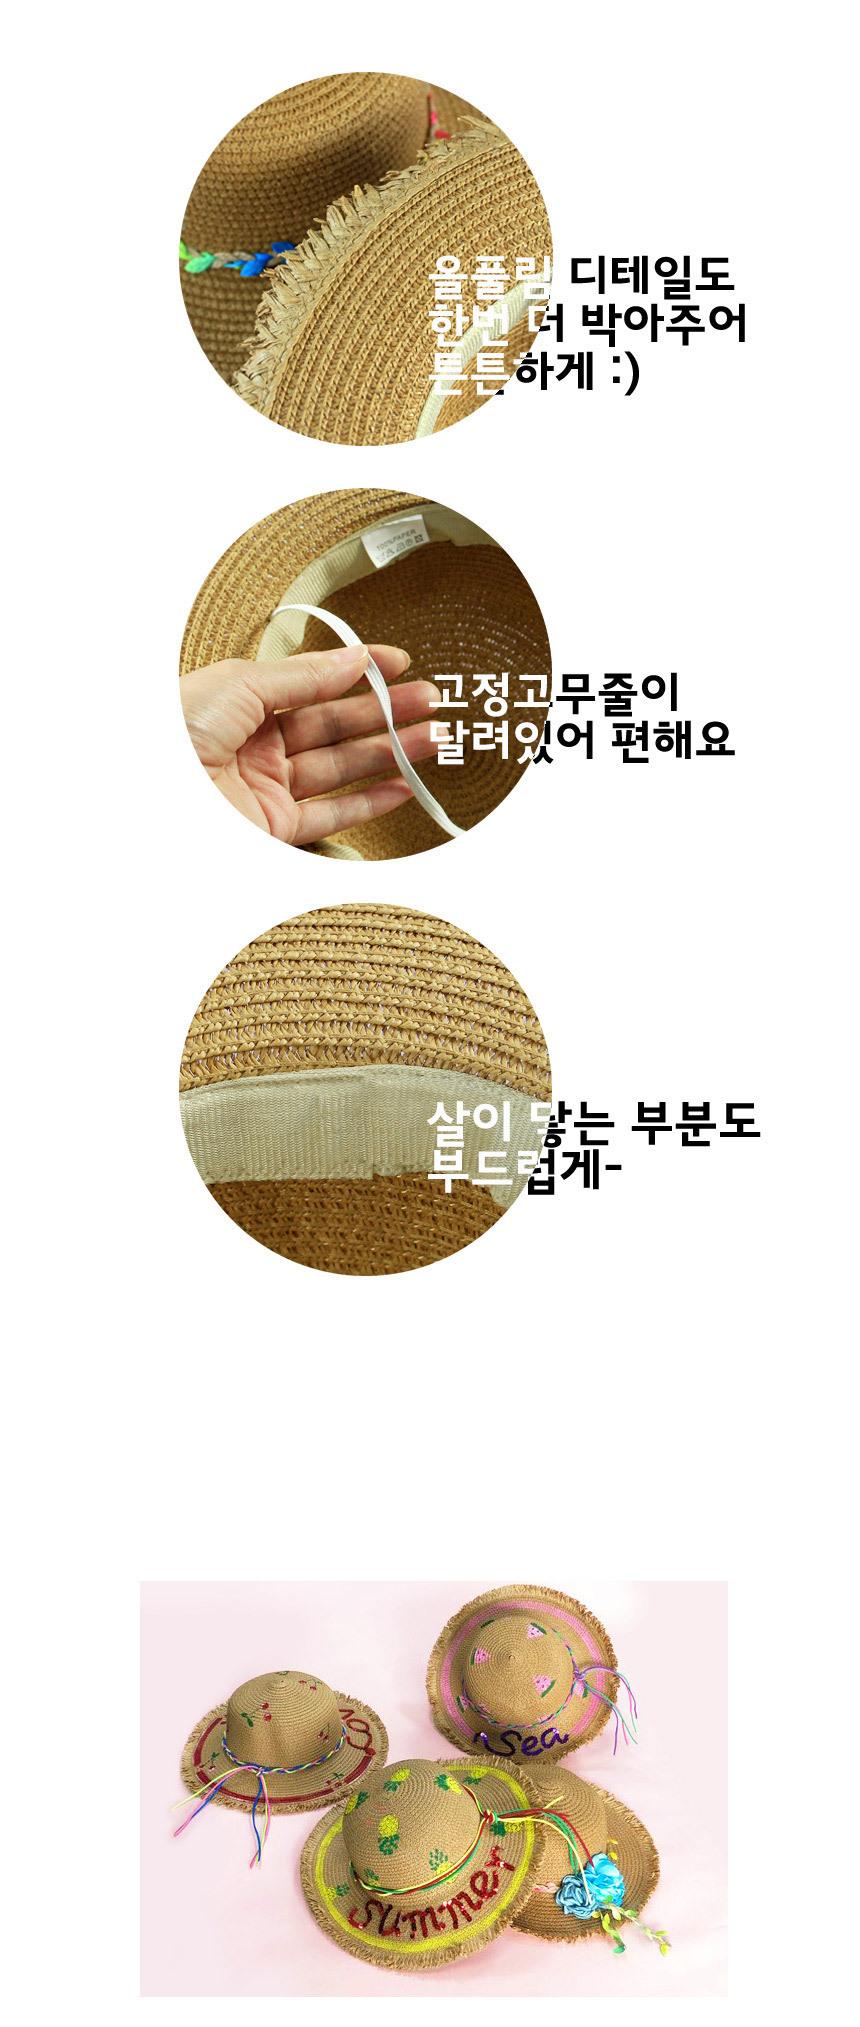 [밀짚모자] 썸머 라피아햇 꾸미기 세트 - 만꾸(만들기와 꾸미기), 5,200원, 모자, 밀짚모자